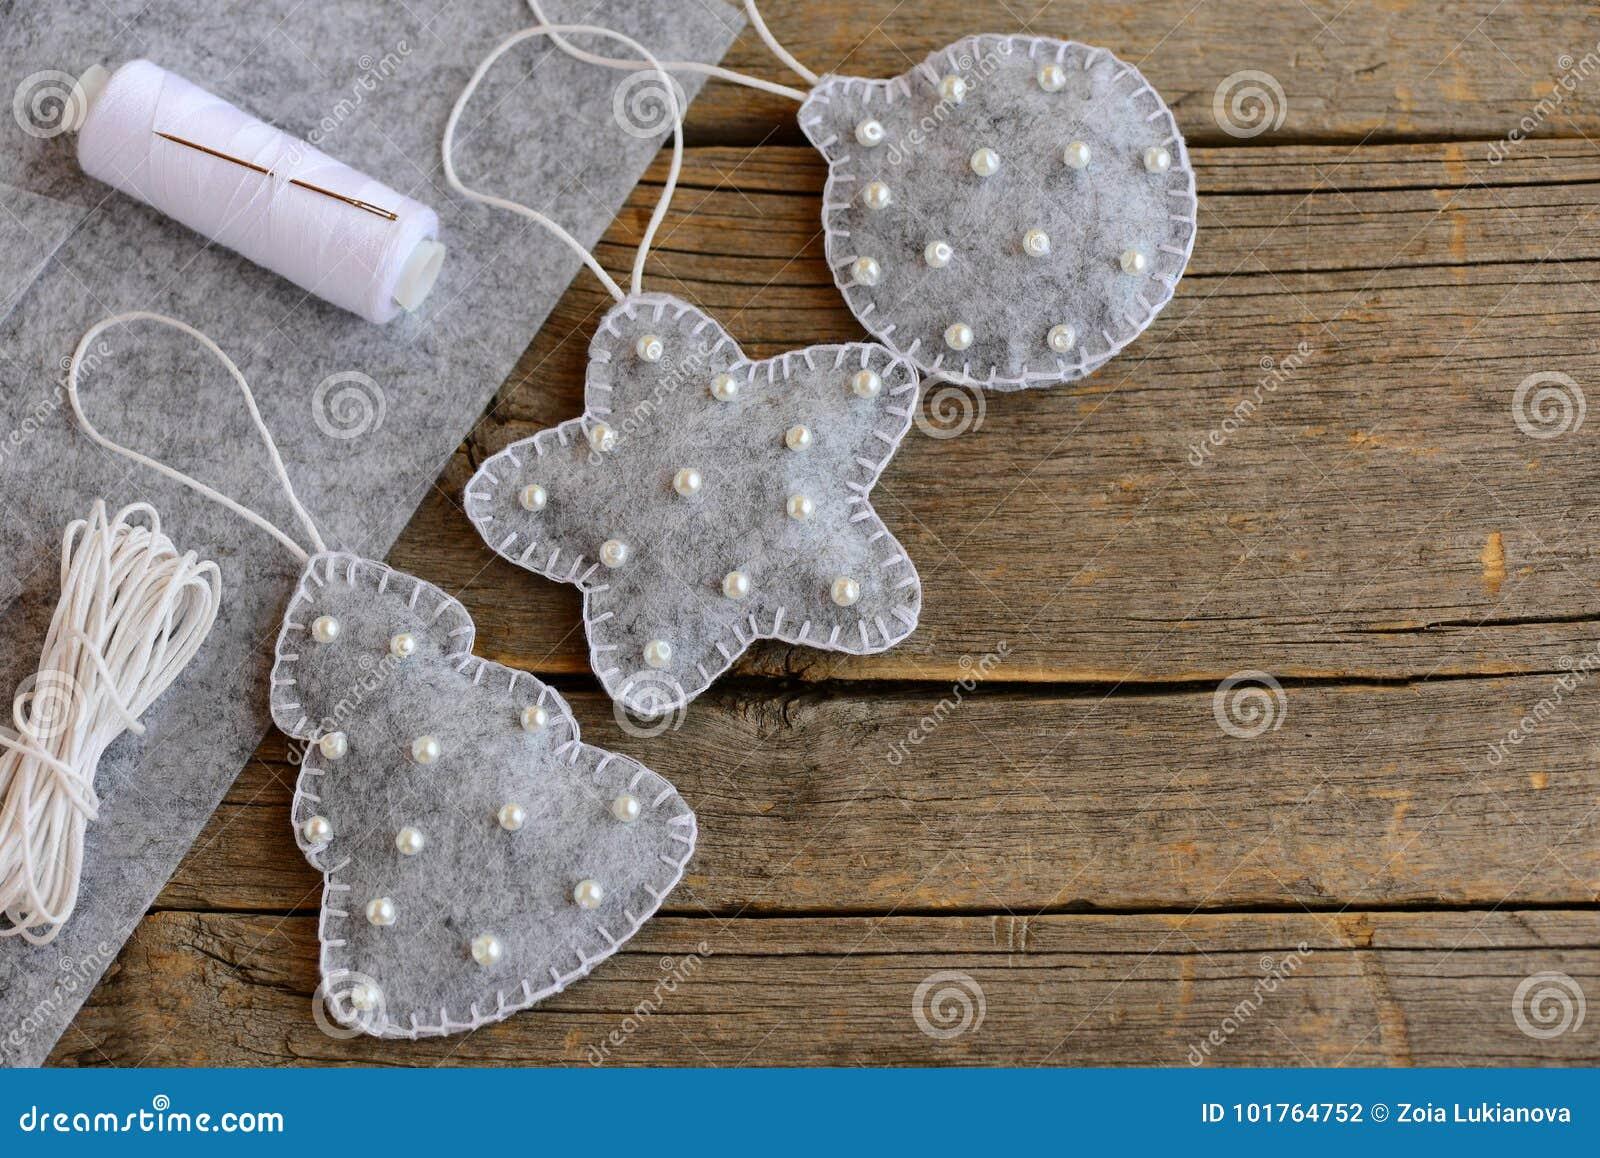 Felt Christmas Decorations Patterns Free.Felt Christmas Decorations Patterns New Gray Felt Fir Tree